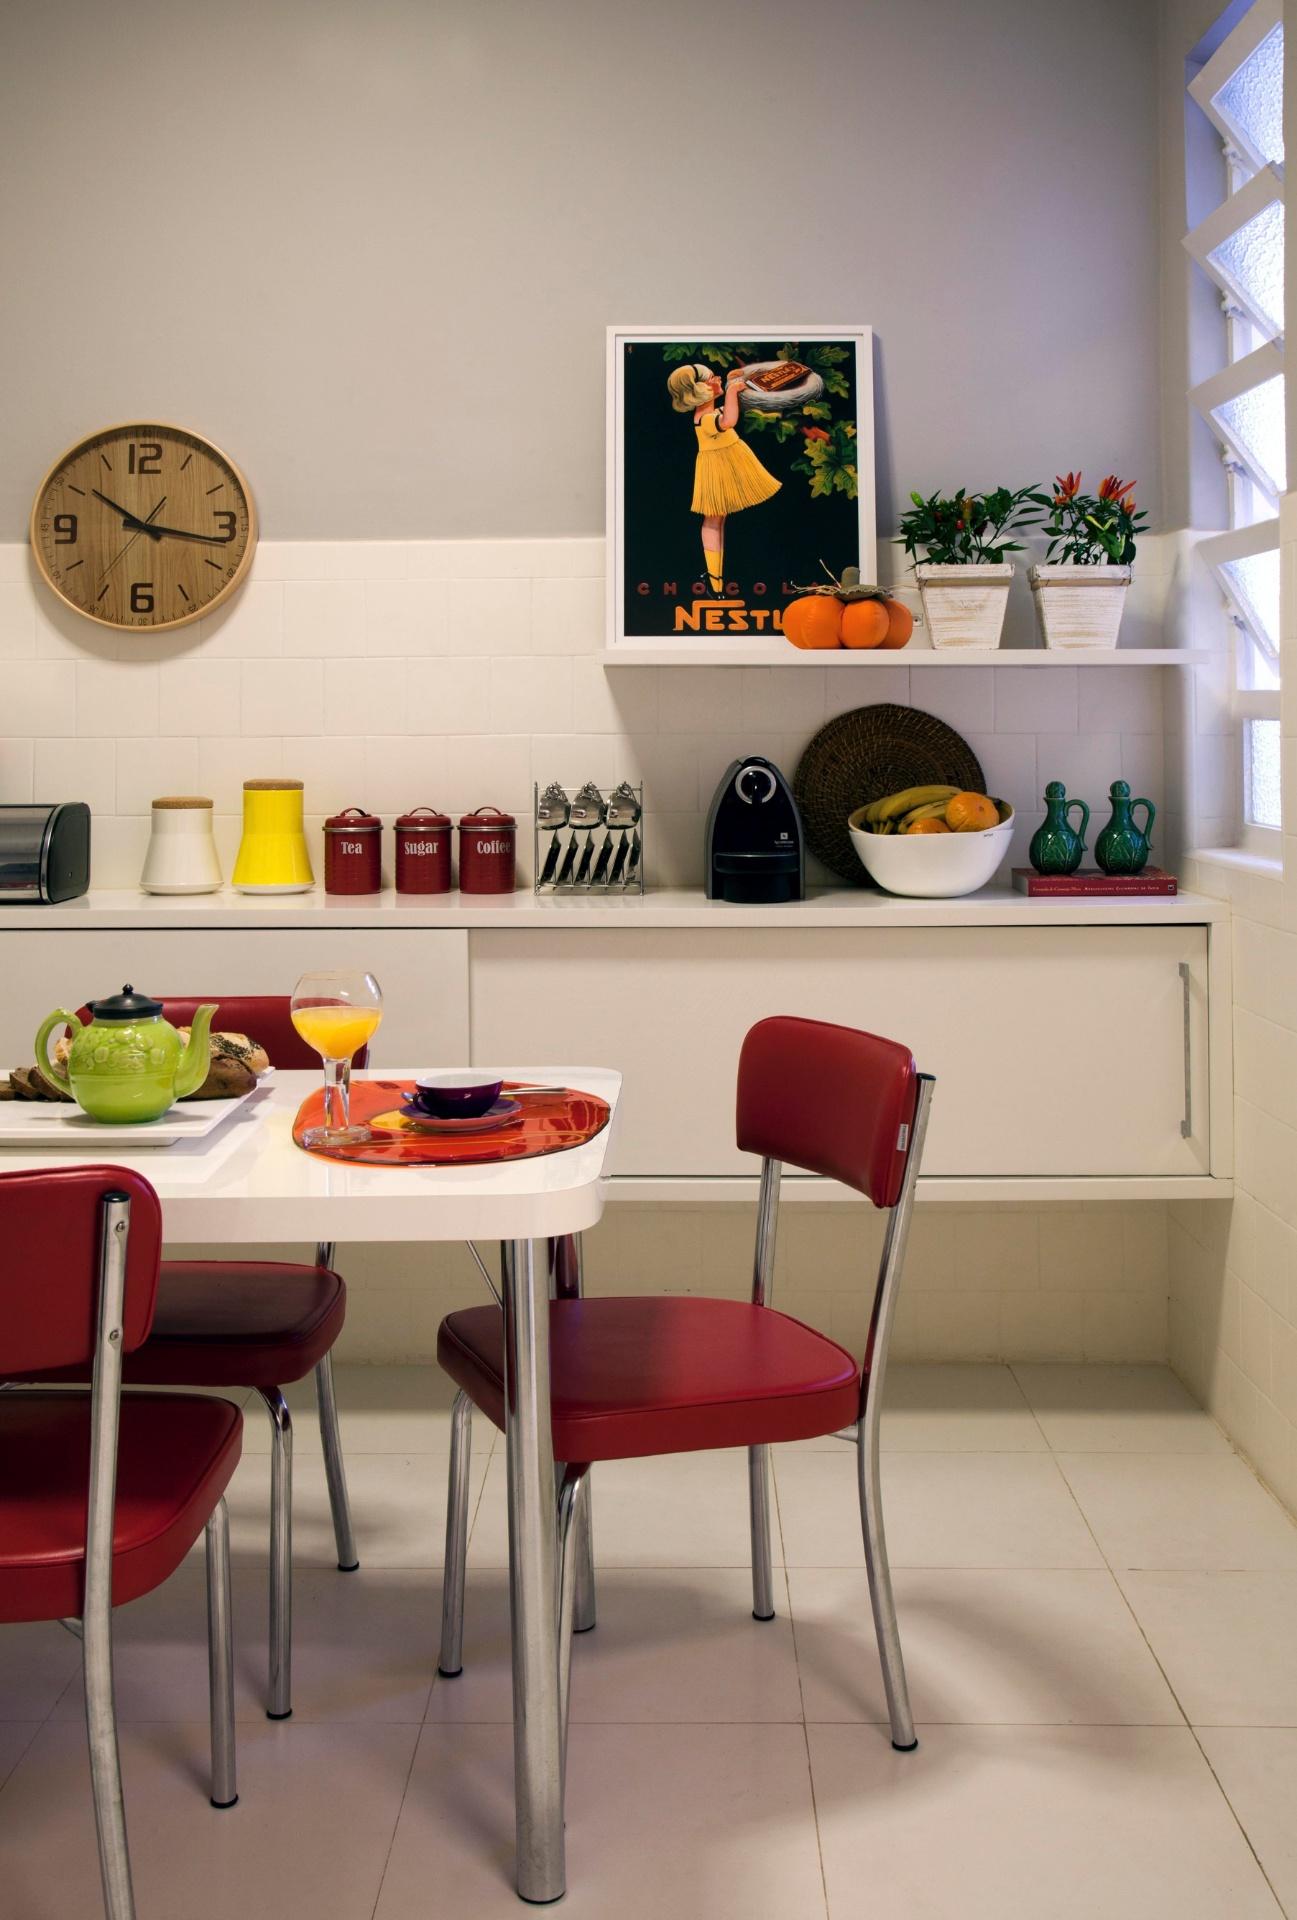 cozinha da Casa Bola projeto de Eduardo Longo Leandro Moraes/ UOL #B99B12 1297 1920